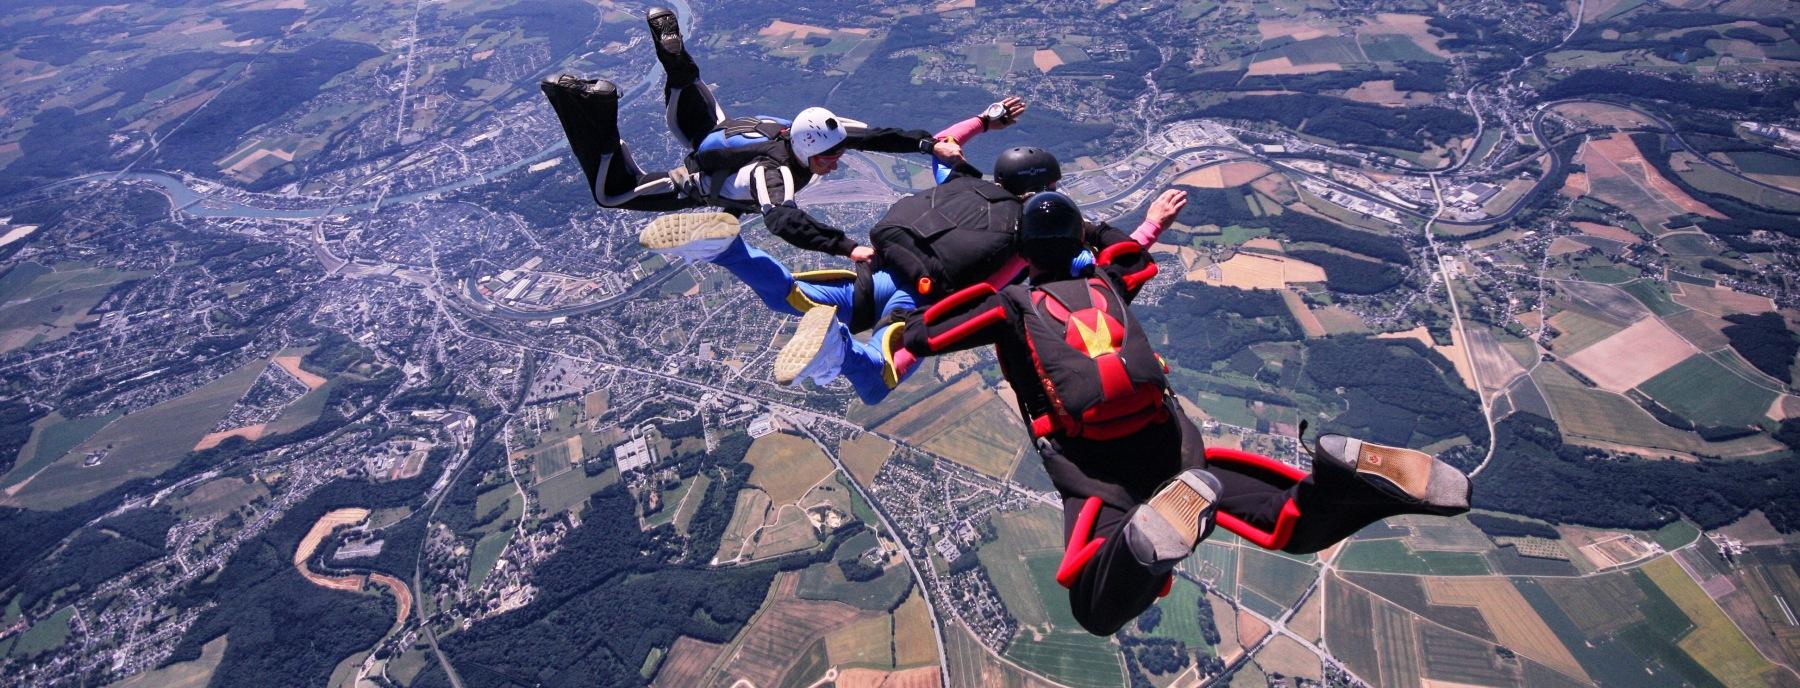 parachutisme namur